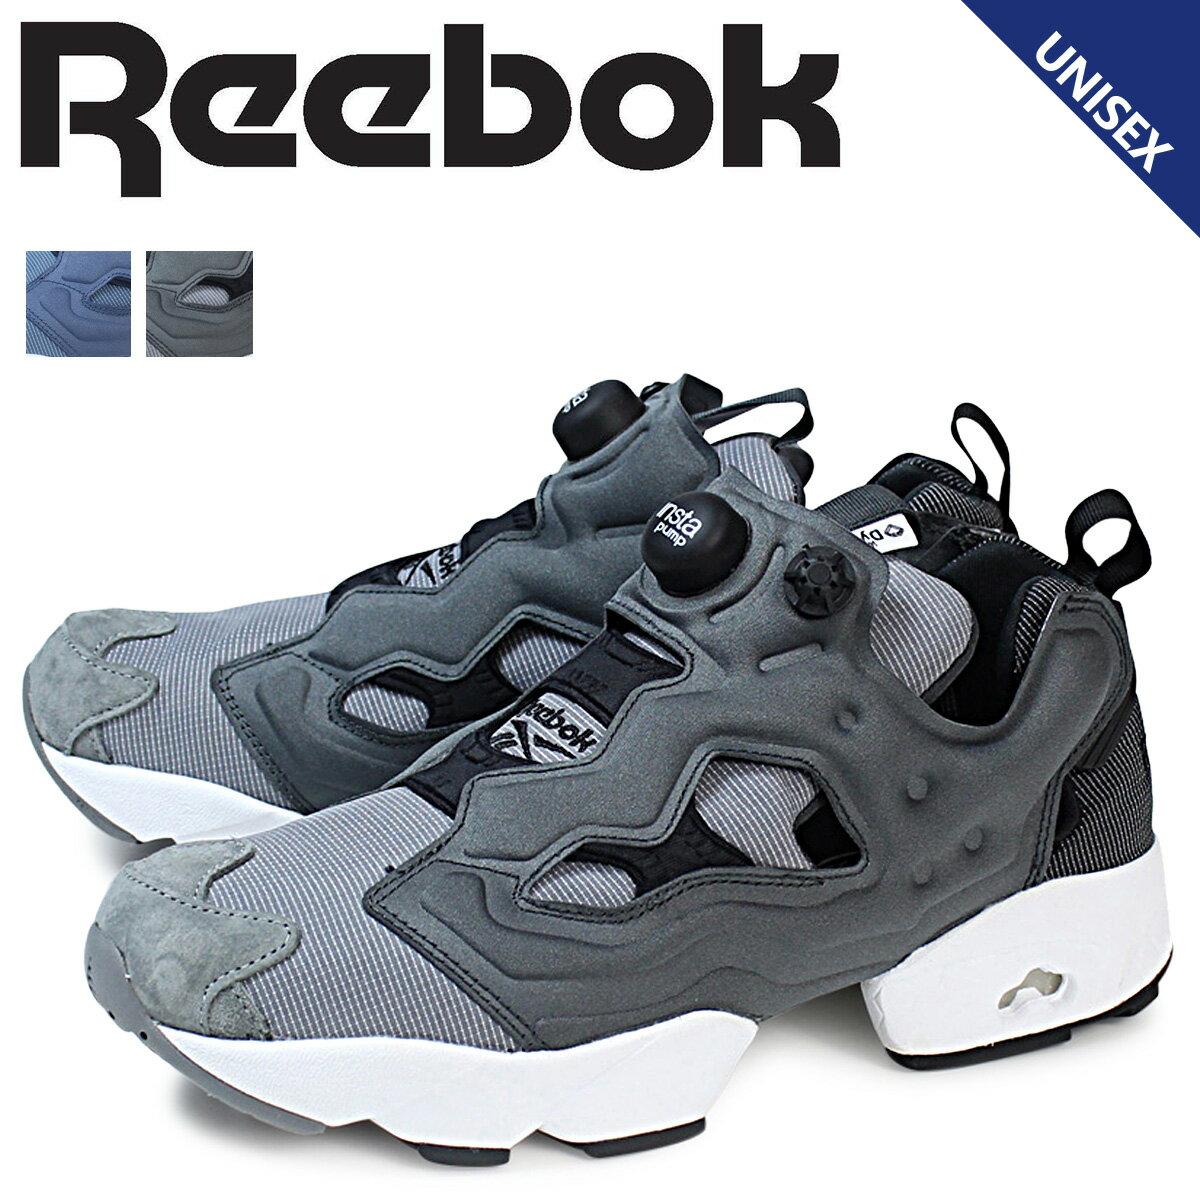 Reebok ポンプフューリー スニーカー リーボック INSTAPUMP FURY TECH レディース メンズ AR0624 AR0625 靴 ブラック ネイビー [予約商品 1/26頃入荷予定 追加入荷]